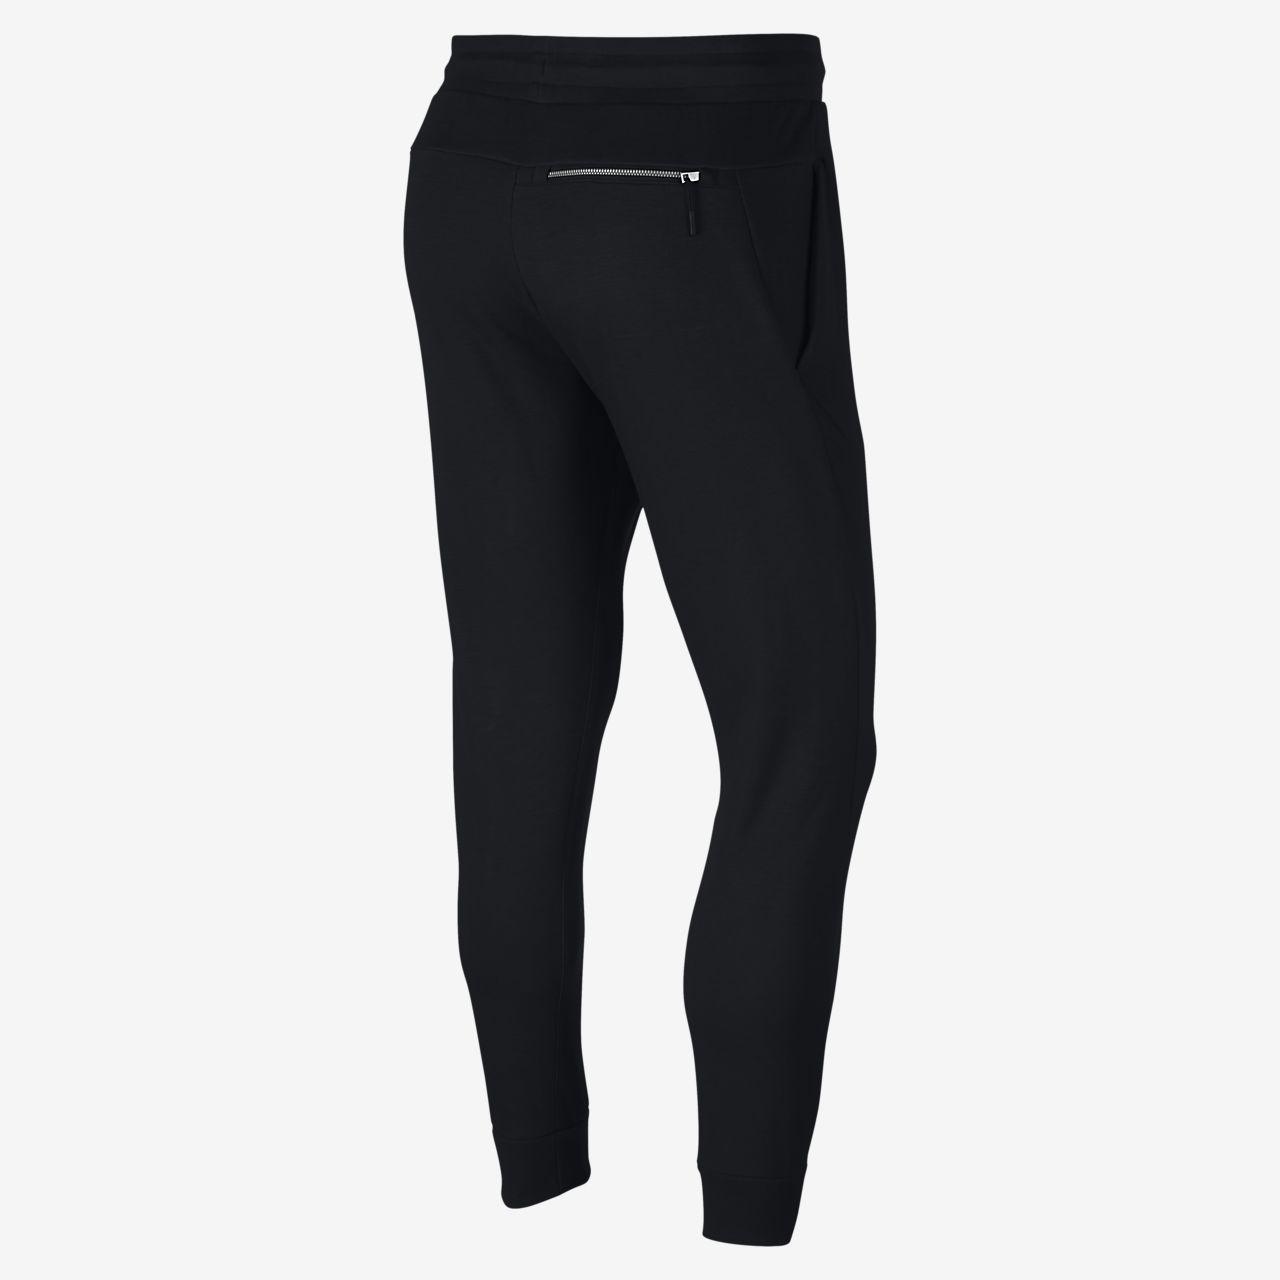 Jogging Nike Homme Pantalon De Sportswear Pour hrdCtQxs